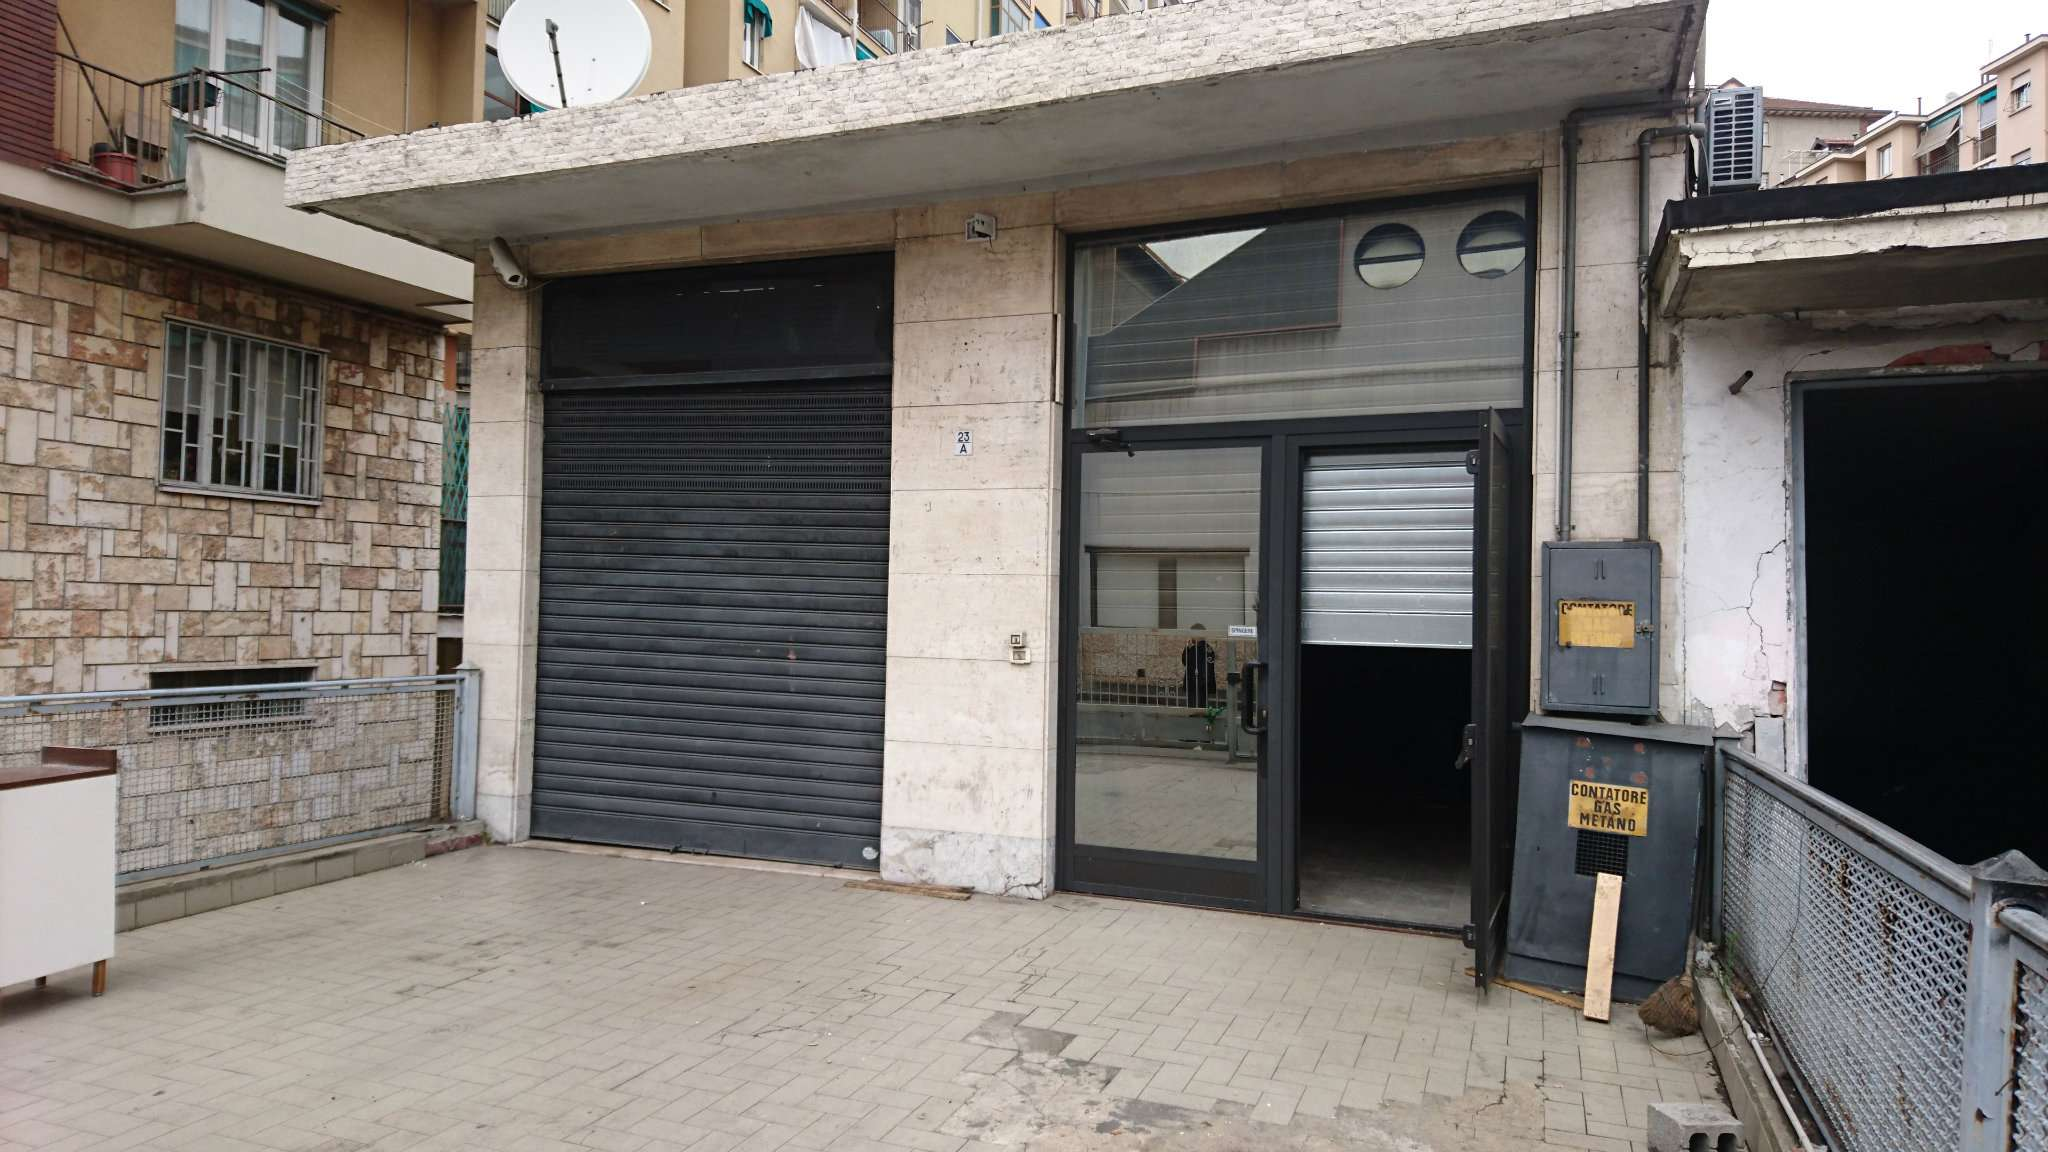 Negozio-locale in Vendita a Torino Semicentro: 3 locali, 340 mq